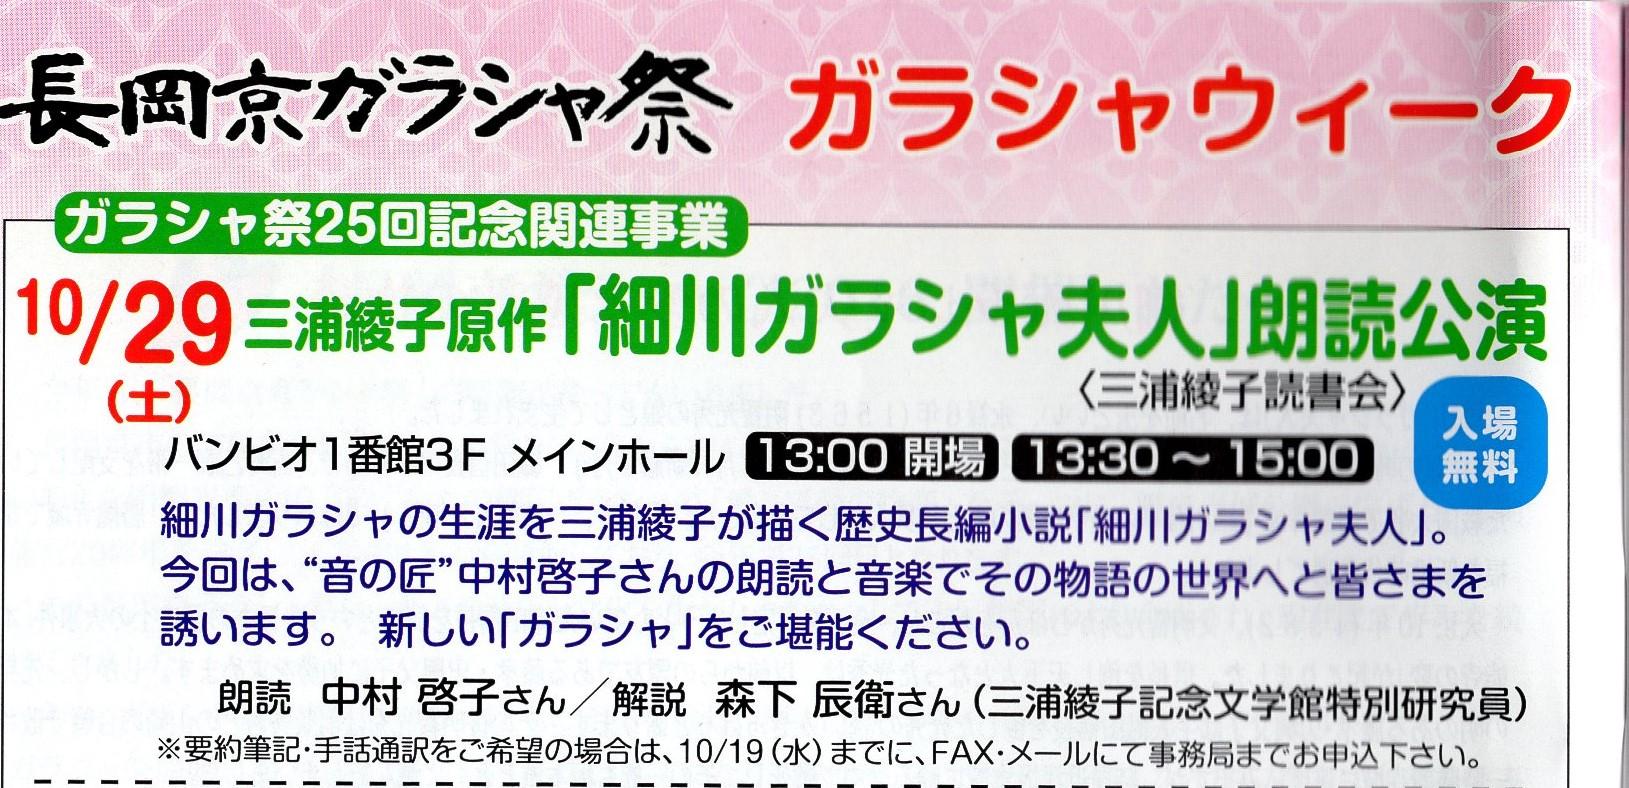 長岡市 ガラシャ祭り バンビオ_c0100195_17361780.jpg